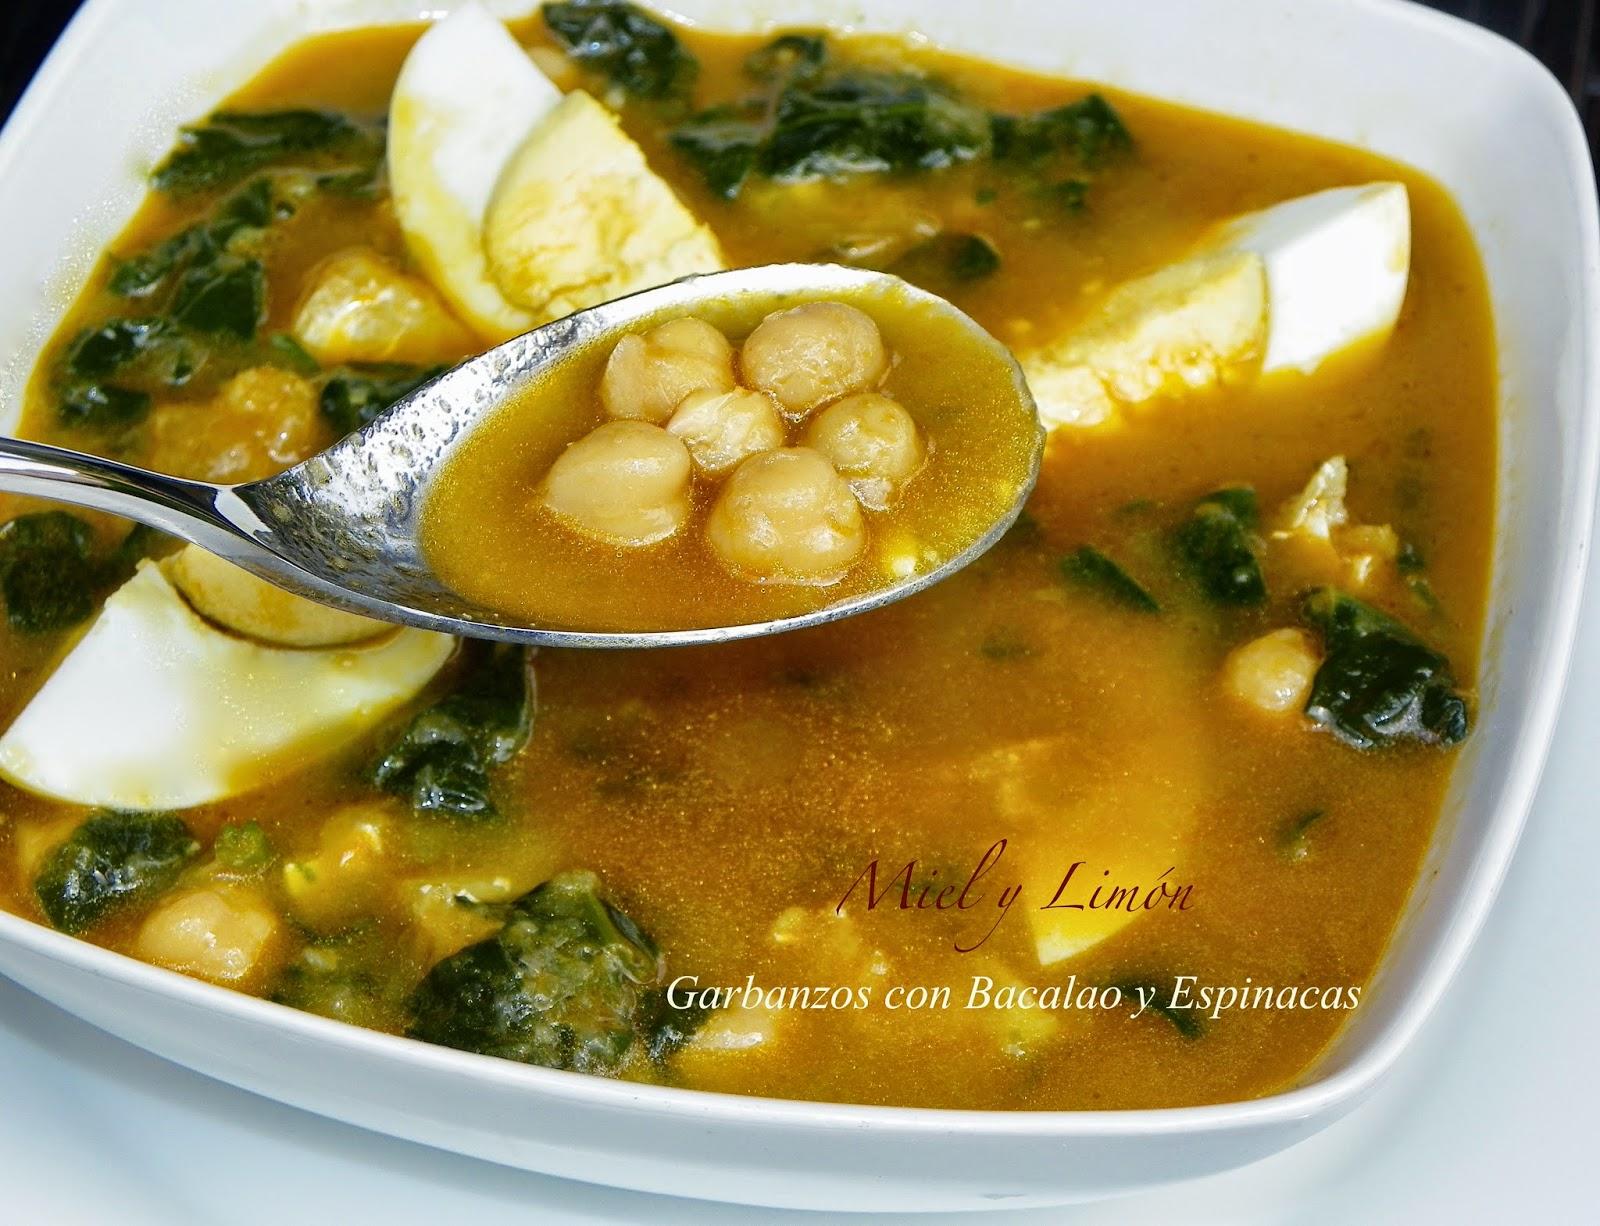 Miel y lim n potaje de garbanzos bacalao y espinacas - Bacalao con garbanzos y patatas ...